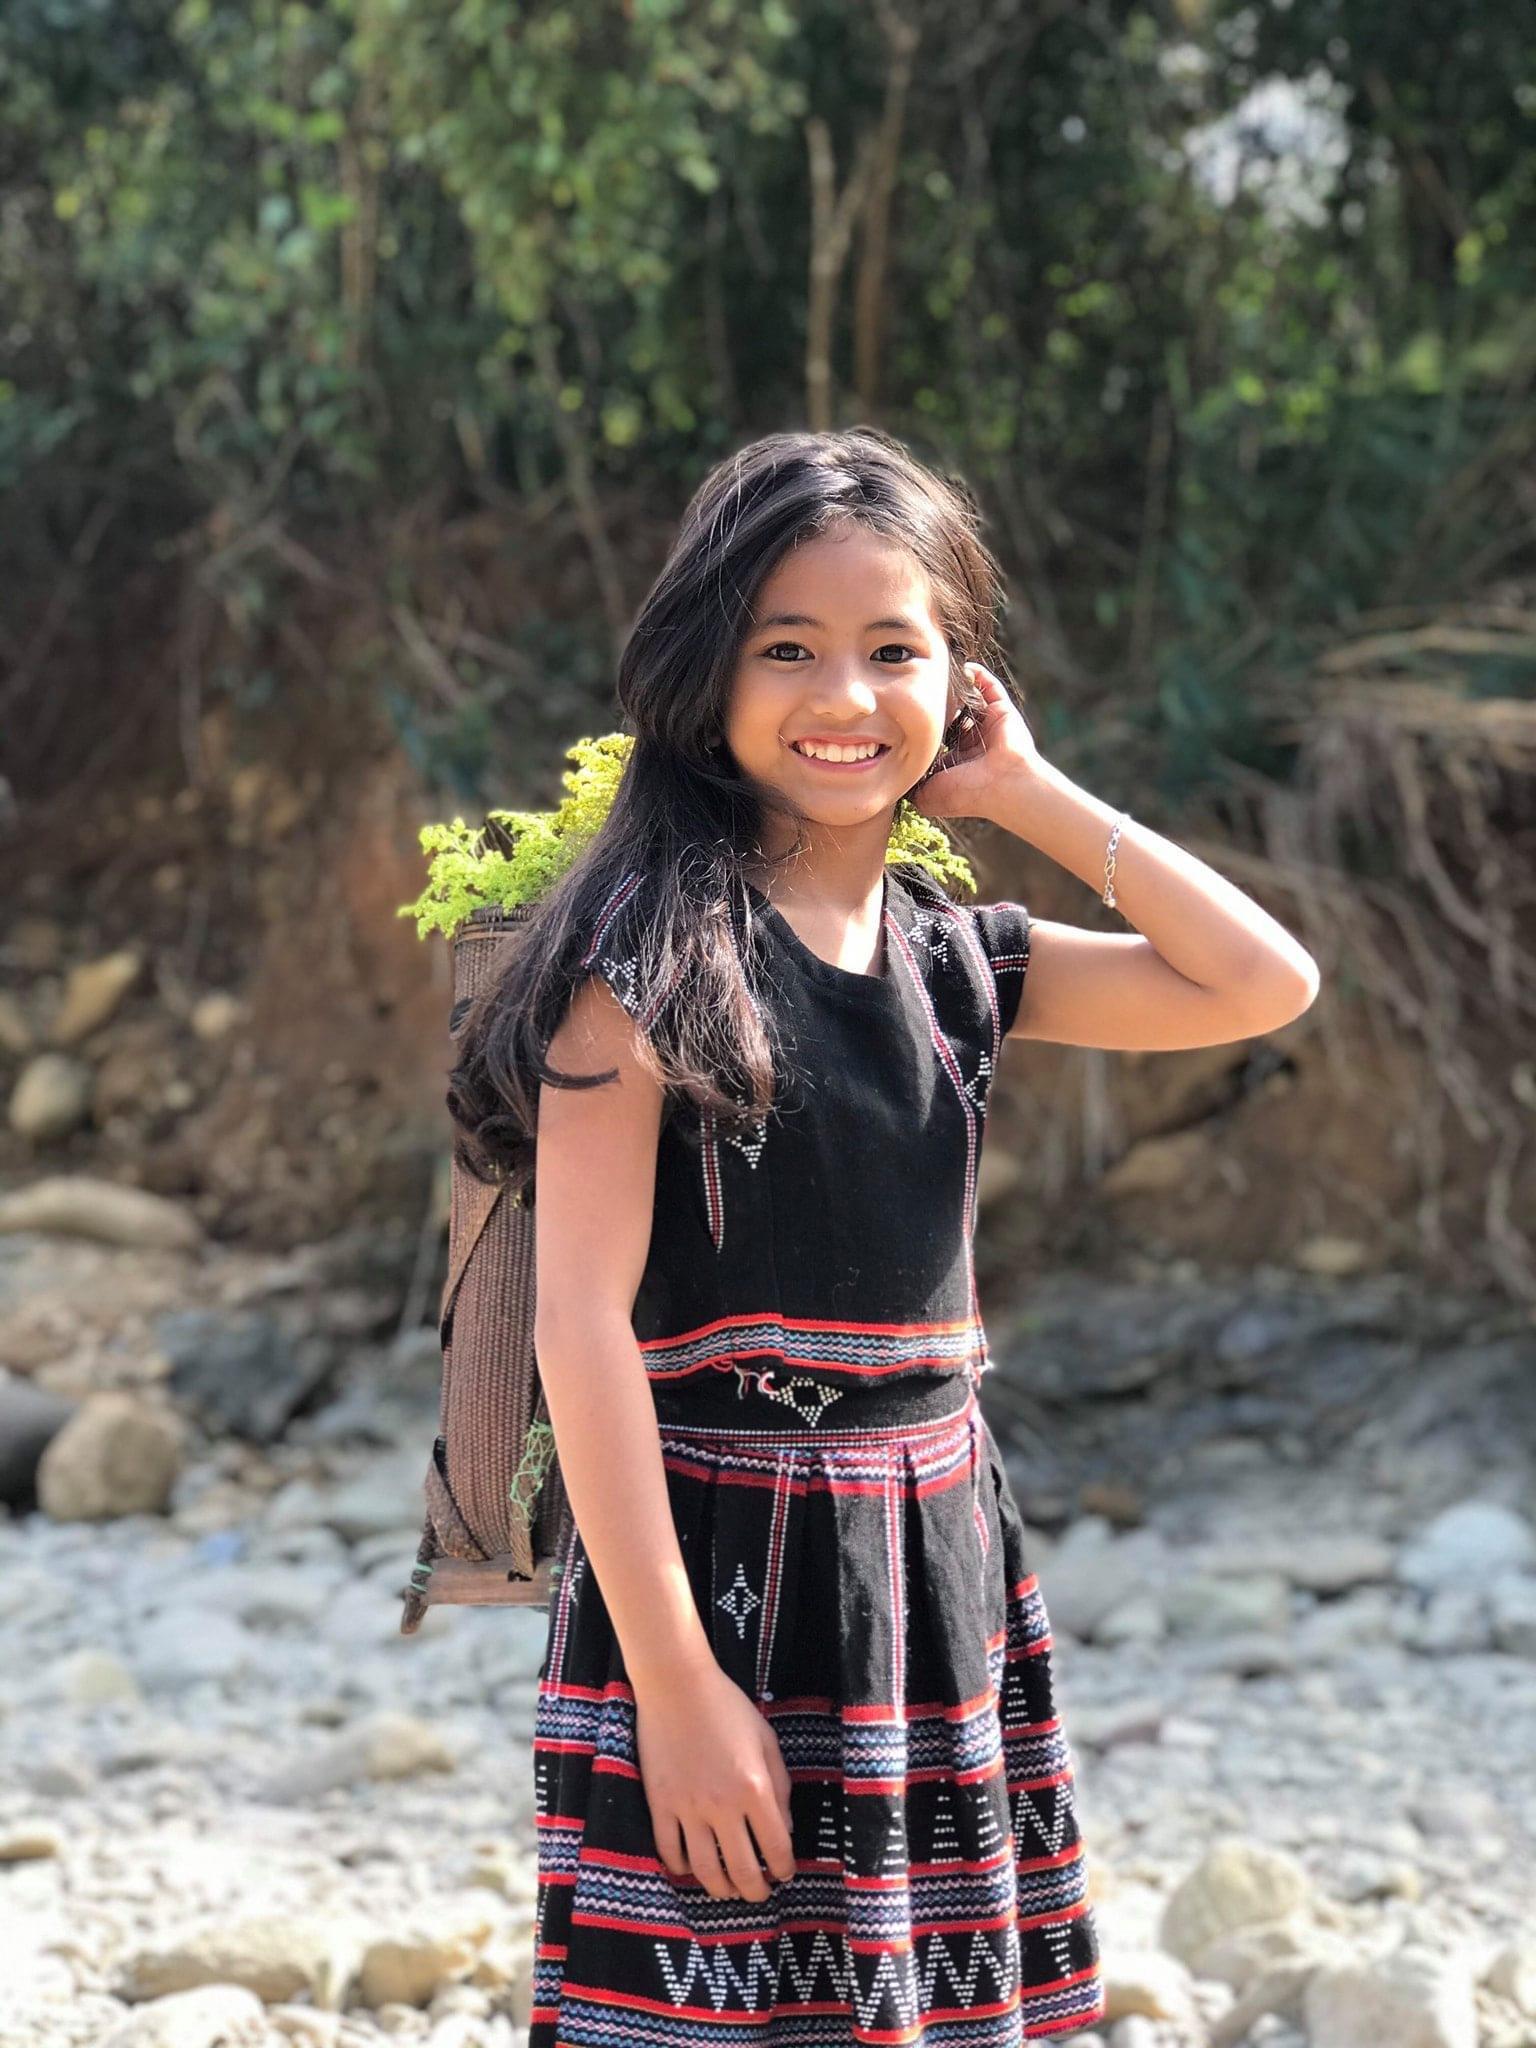 Cô bé dân tộc bất ngờ nổi tiếng trên MXH nhờ sở hữu vẻ đẹp trong trẻo tựa thiên thần - Ảnh 3.